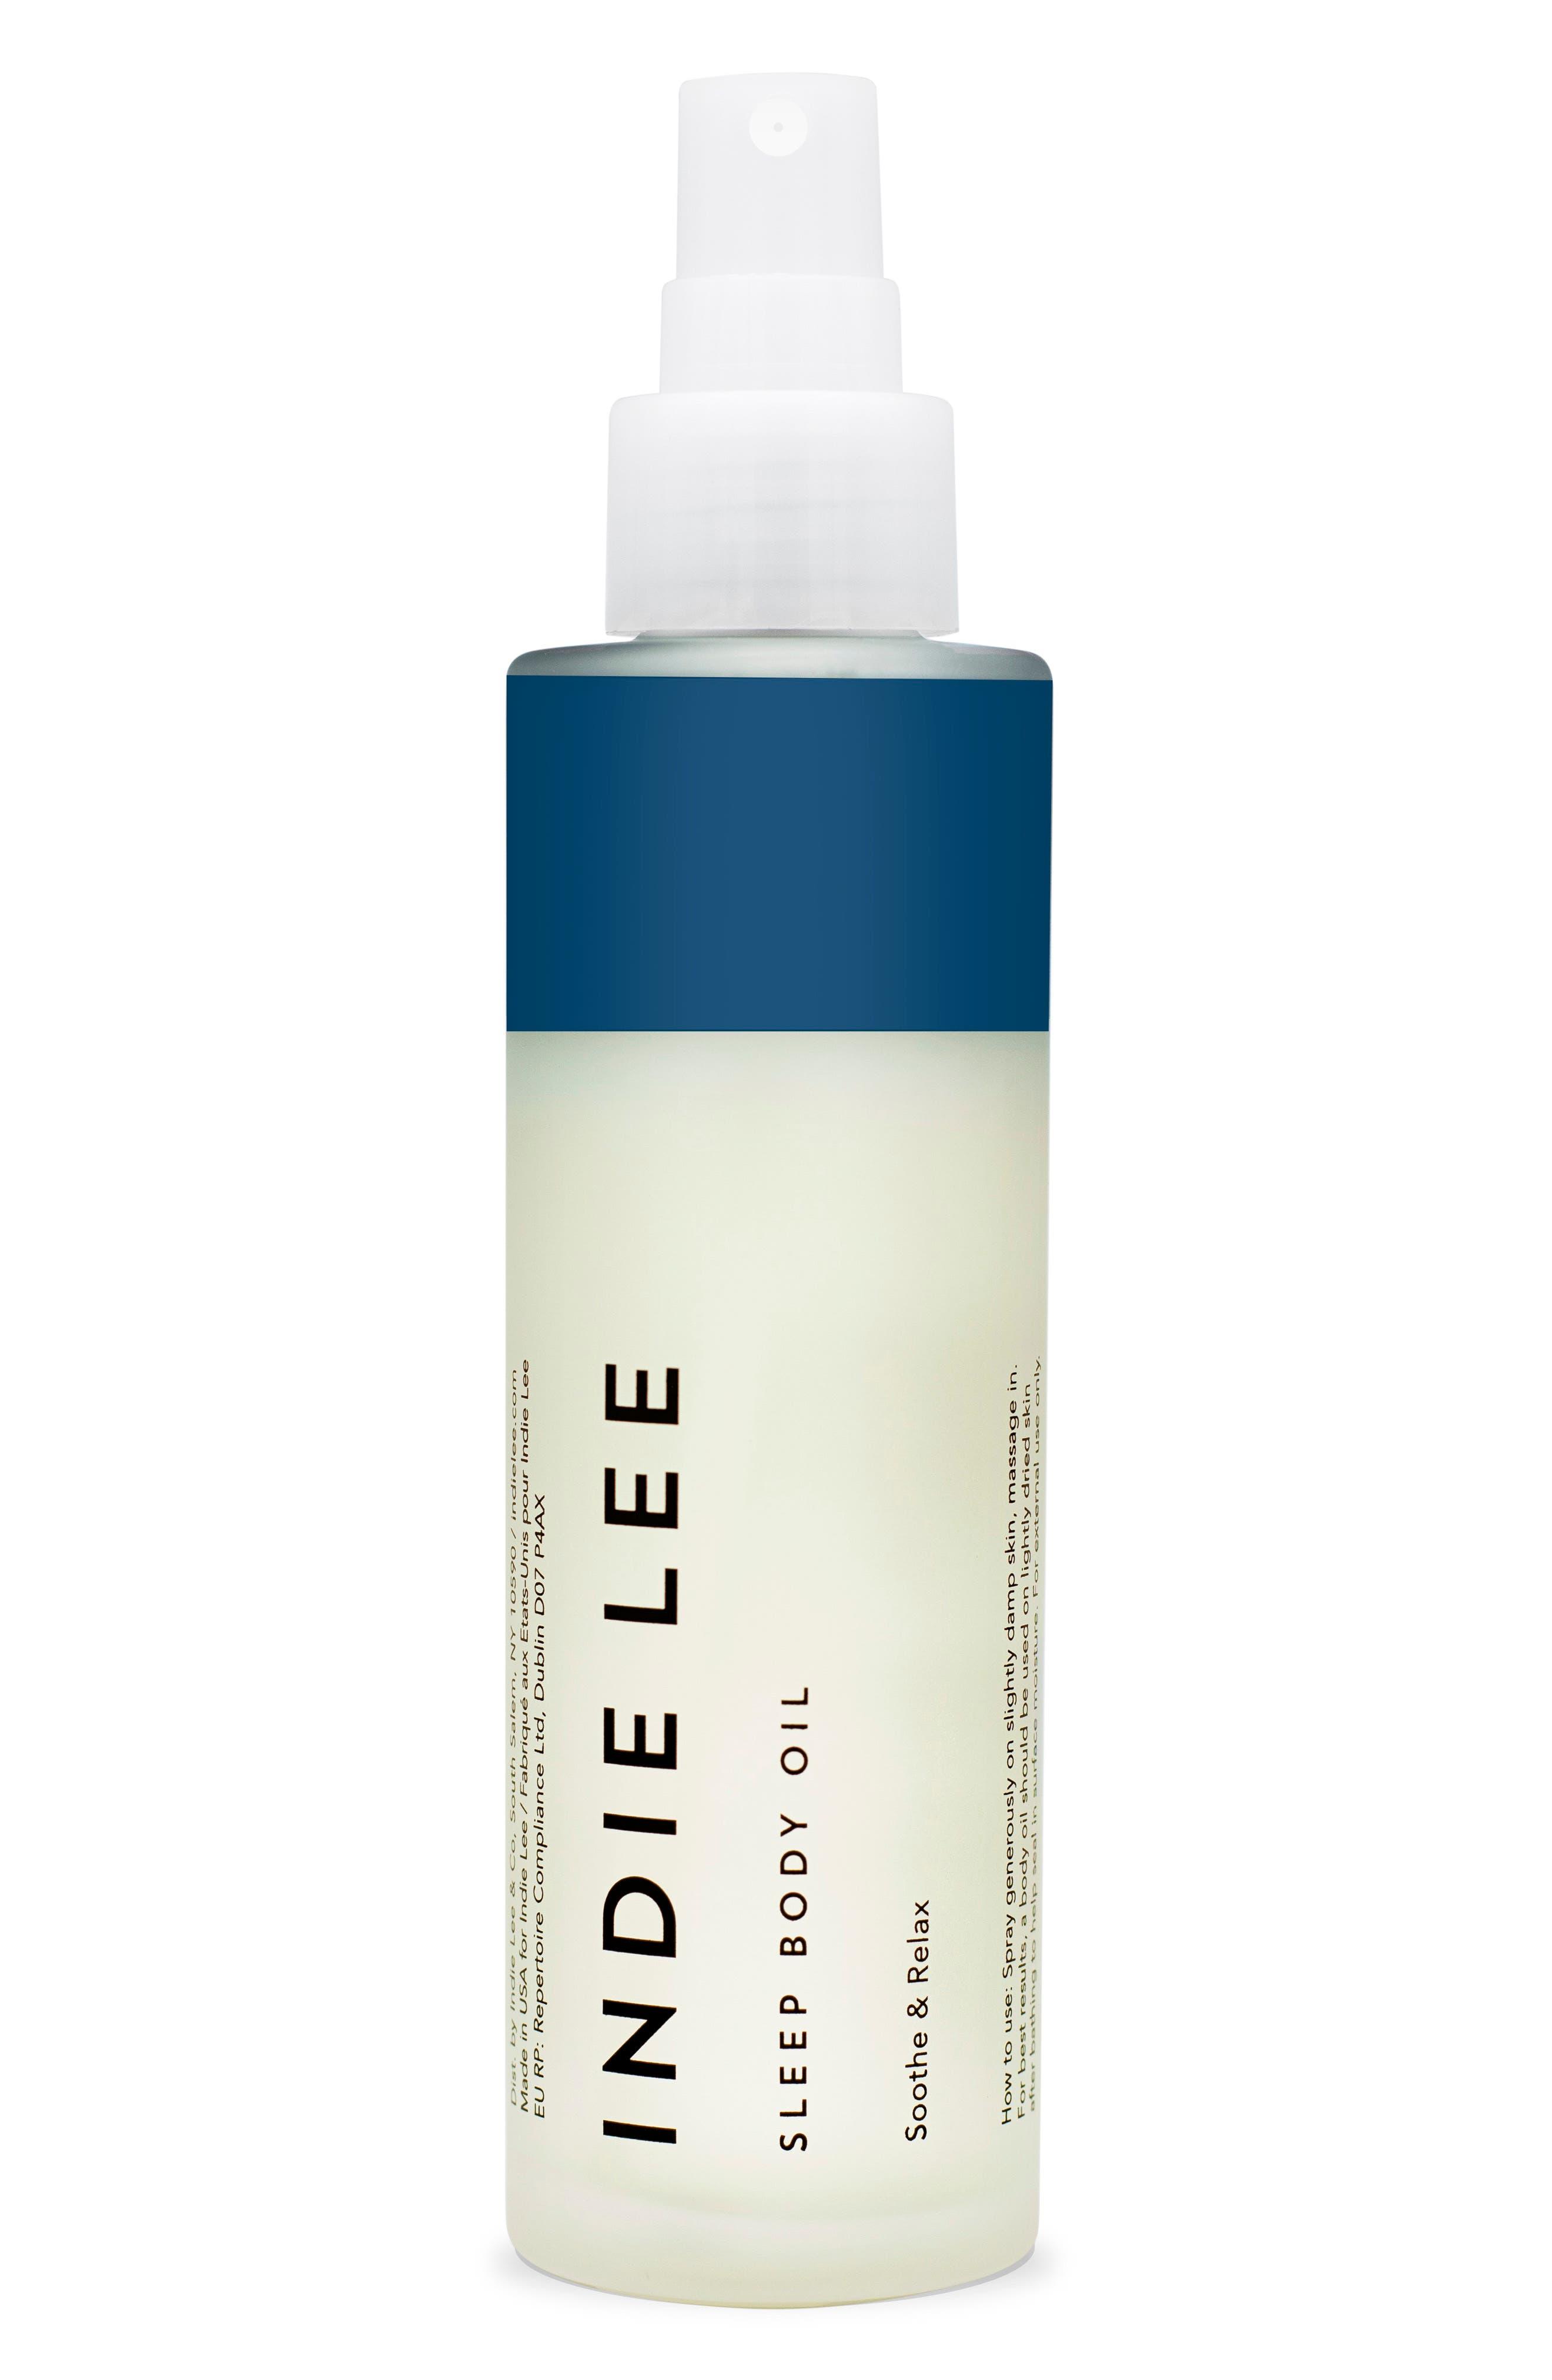 Soothe & Relax Sleep Body Oil